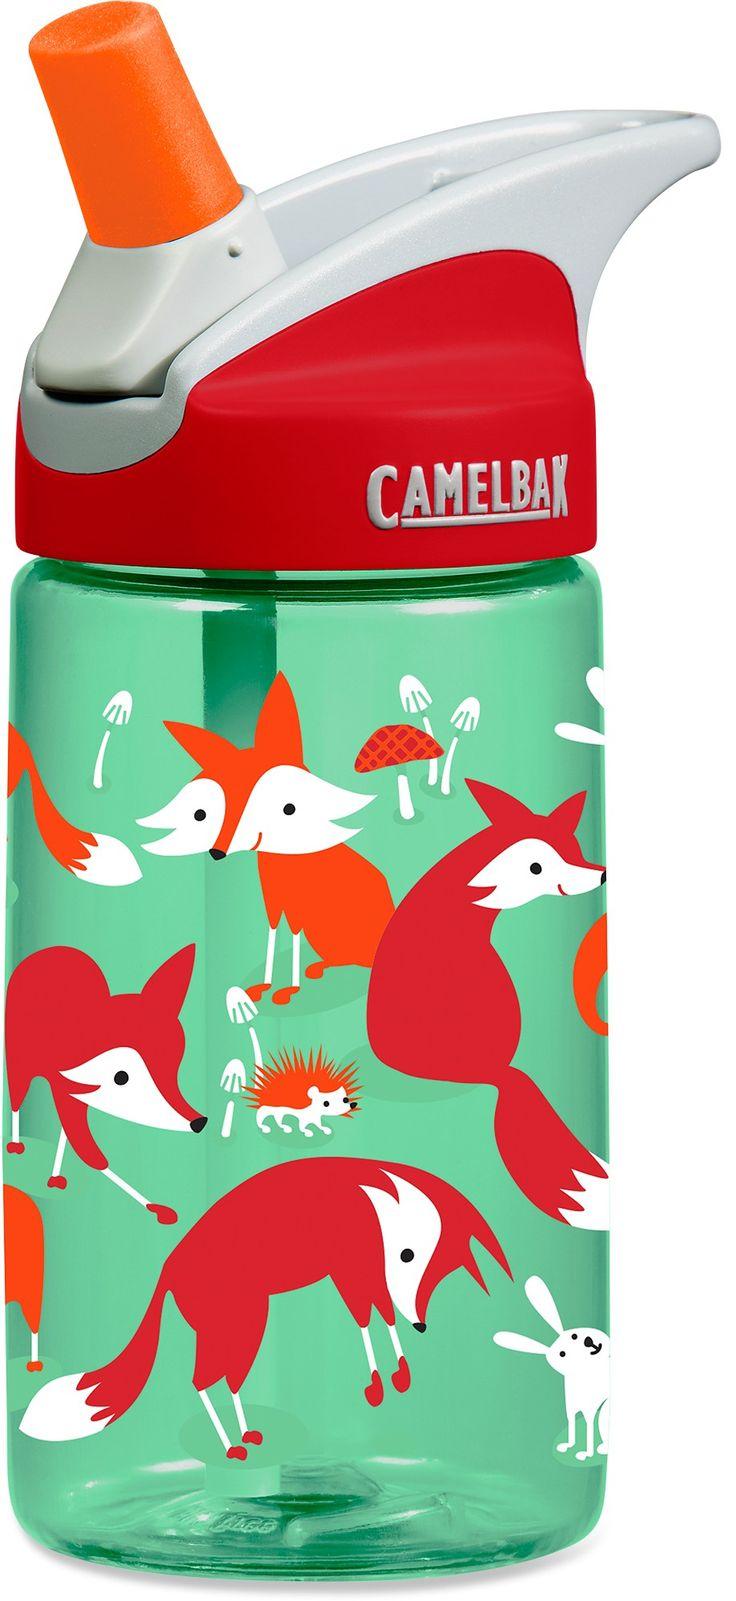 CamelBak Kids' eddy Water Bottle - 14 fl. oz. - REI.com